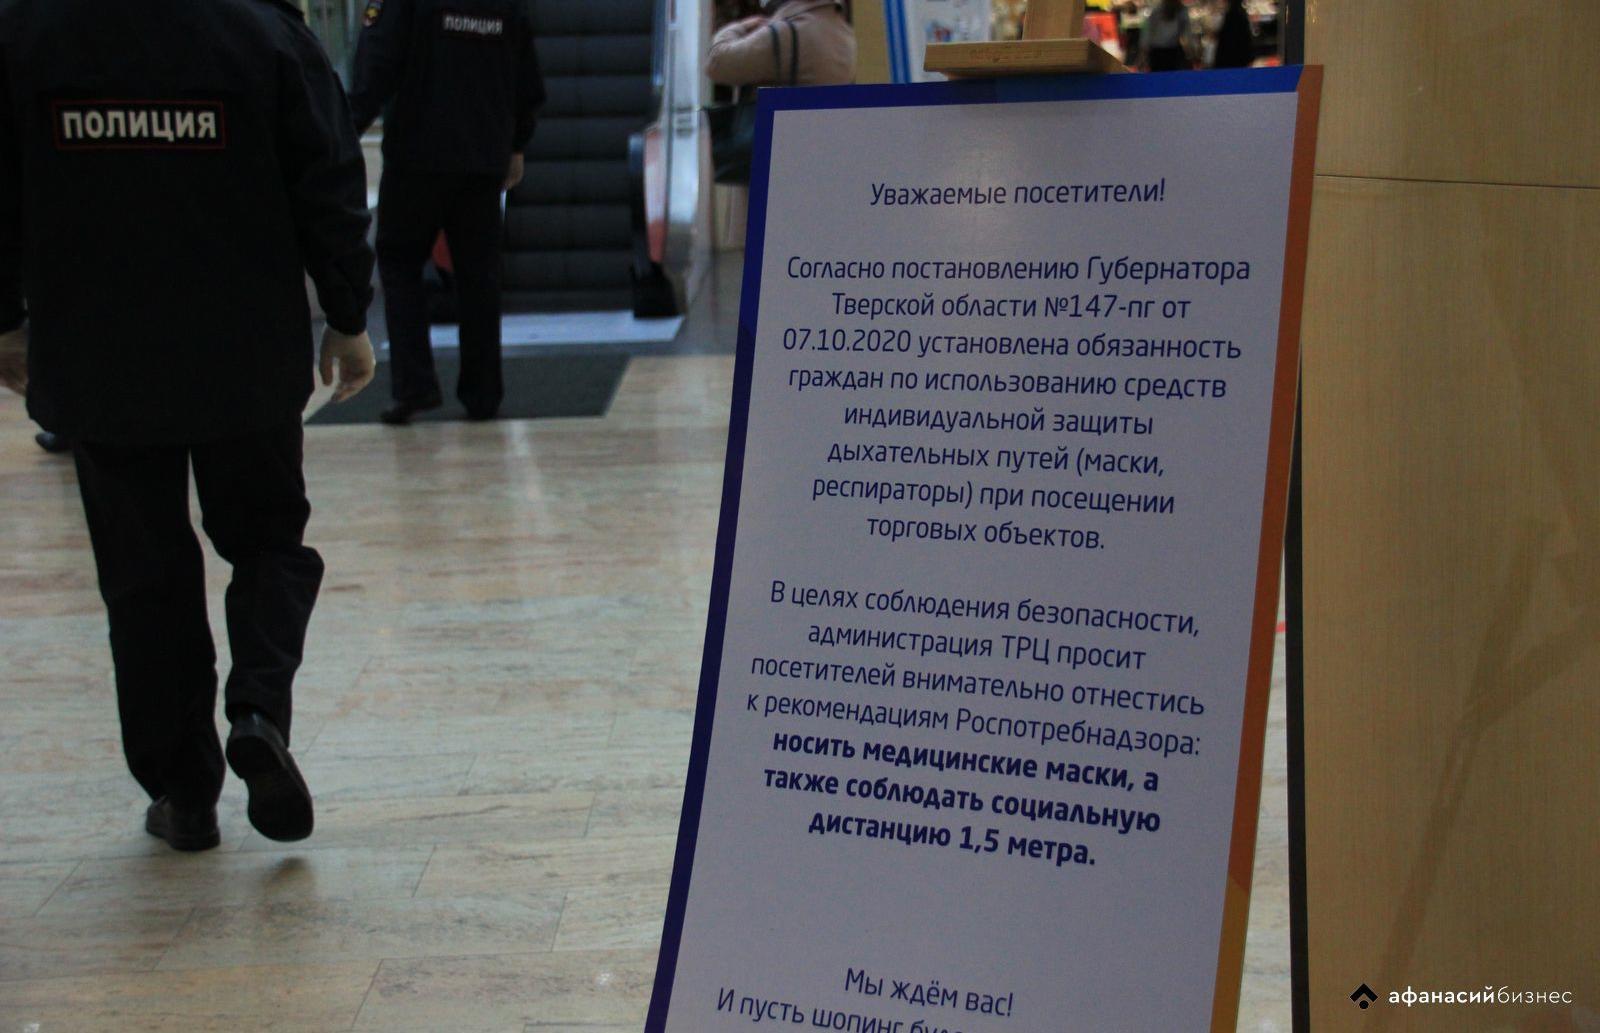 В Твери проверяют наличие масок у посетителей ТЦ - новости Афанасий